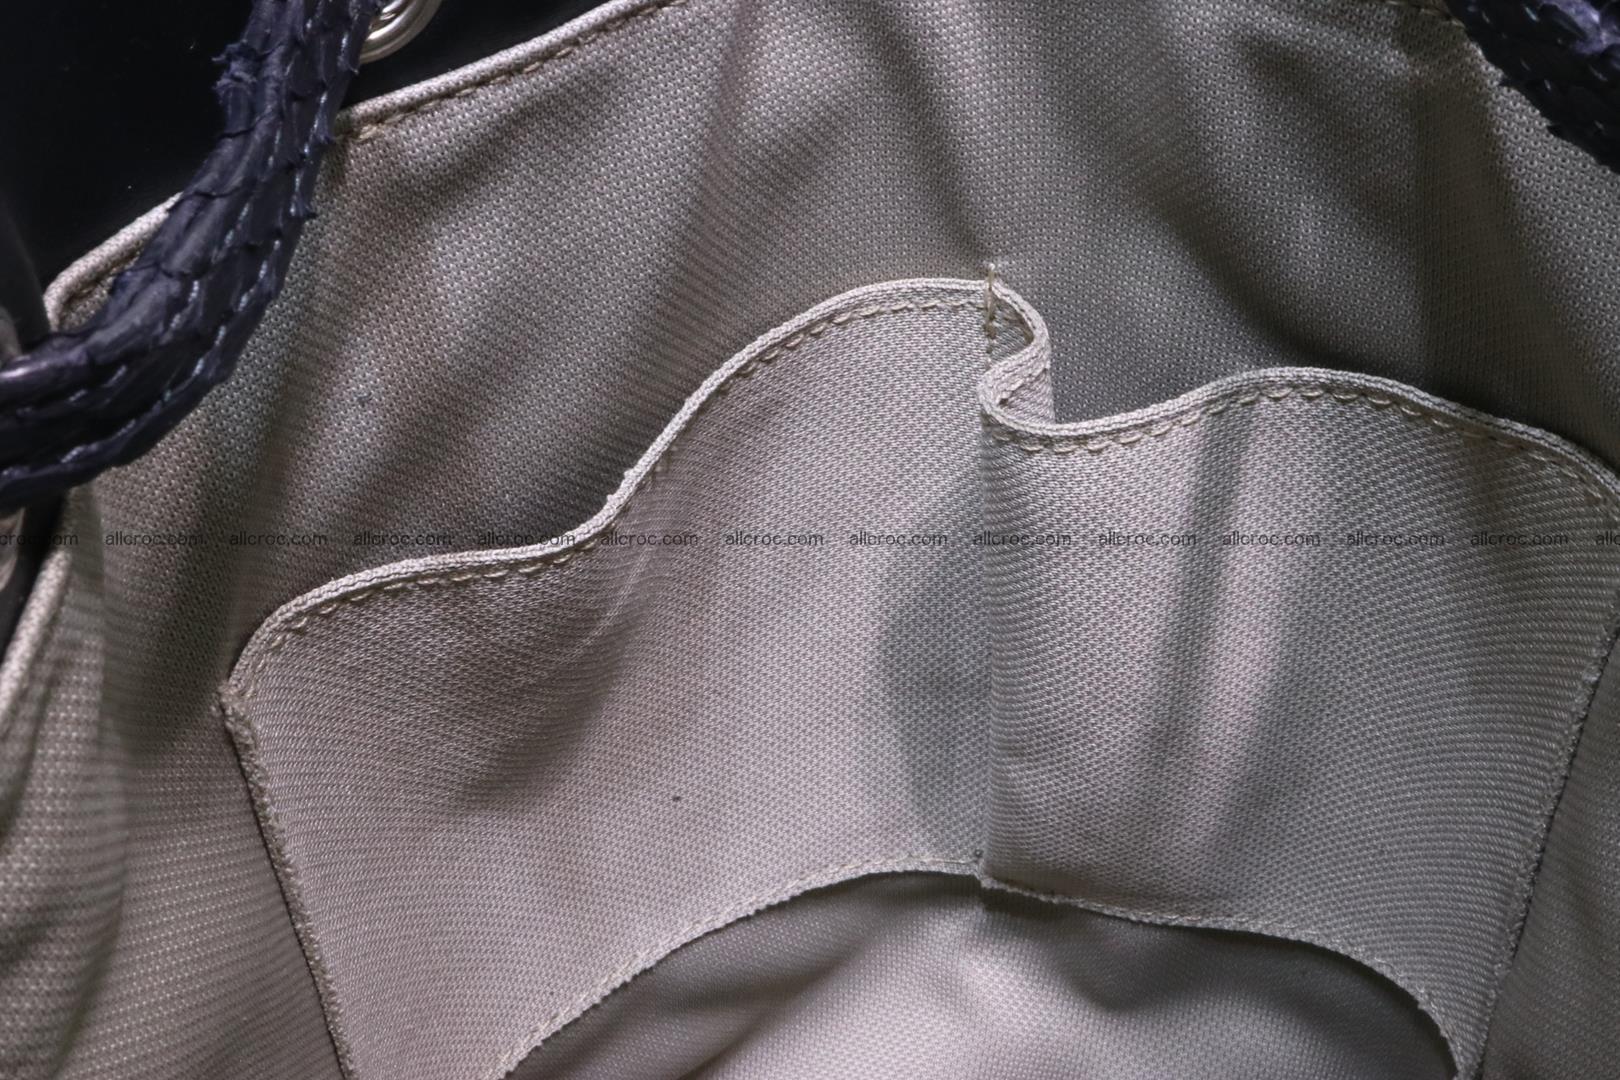 Cobra skin backpack with head of cobra 417 Foto 13